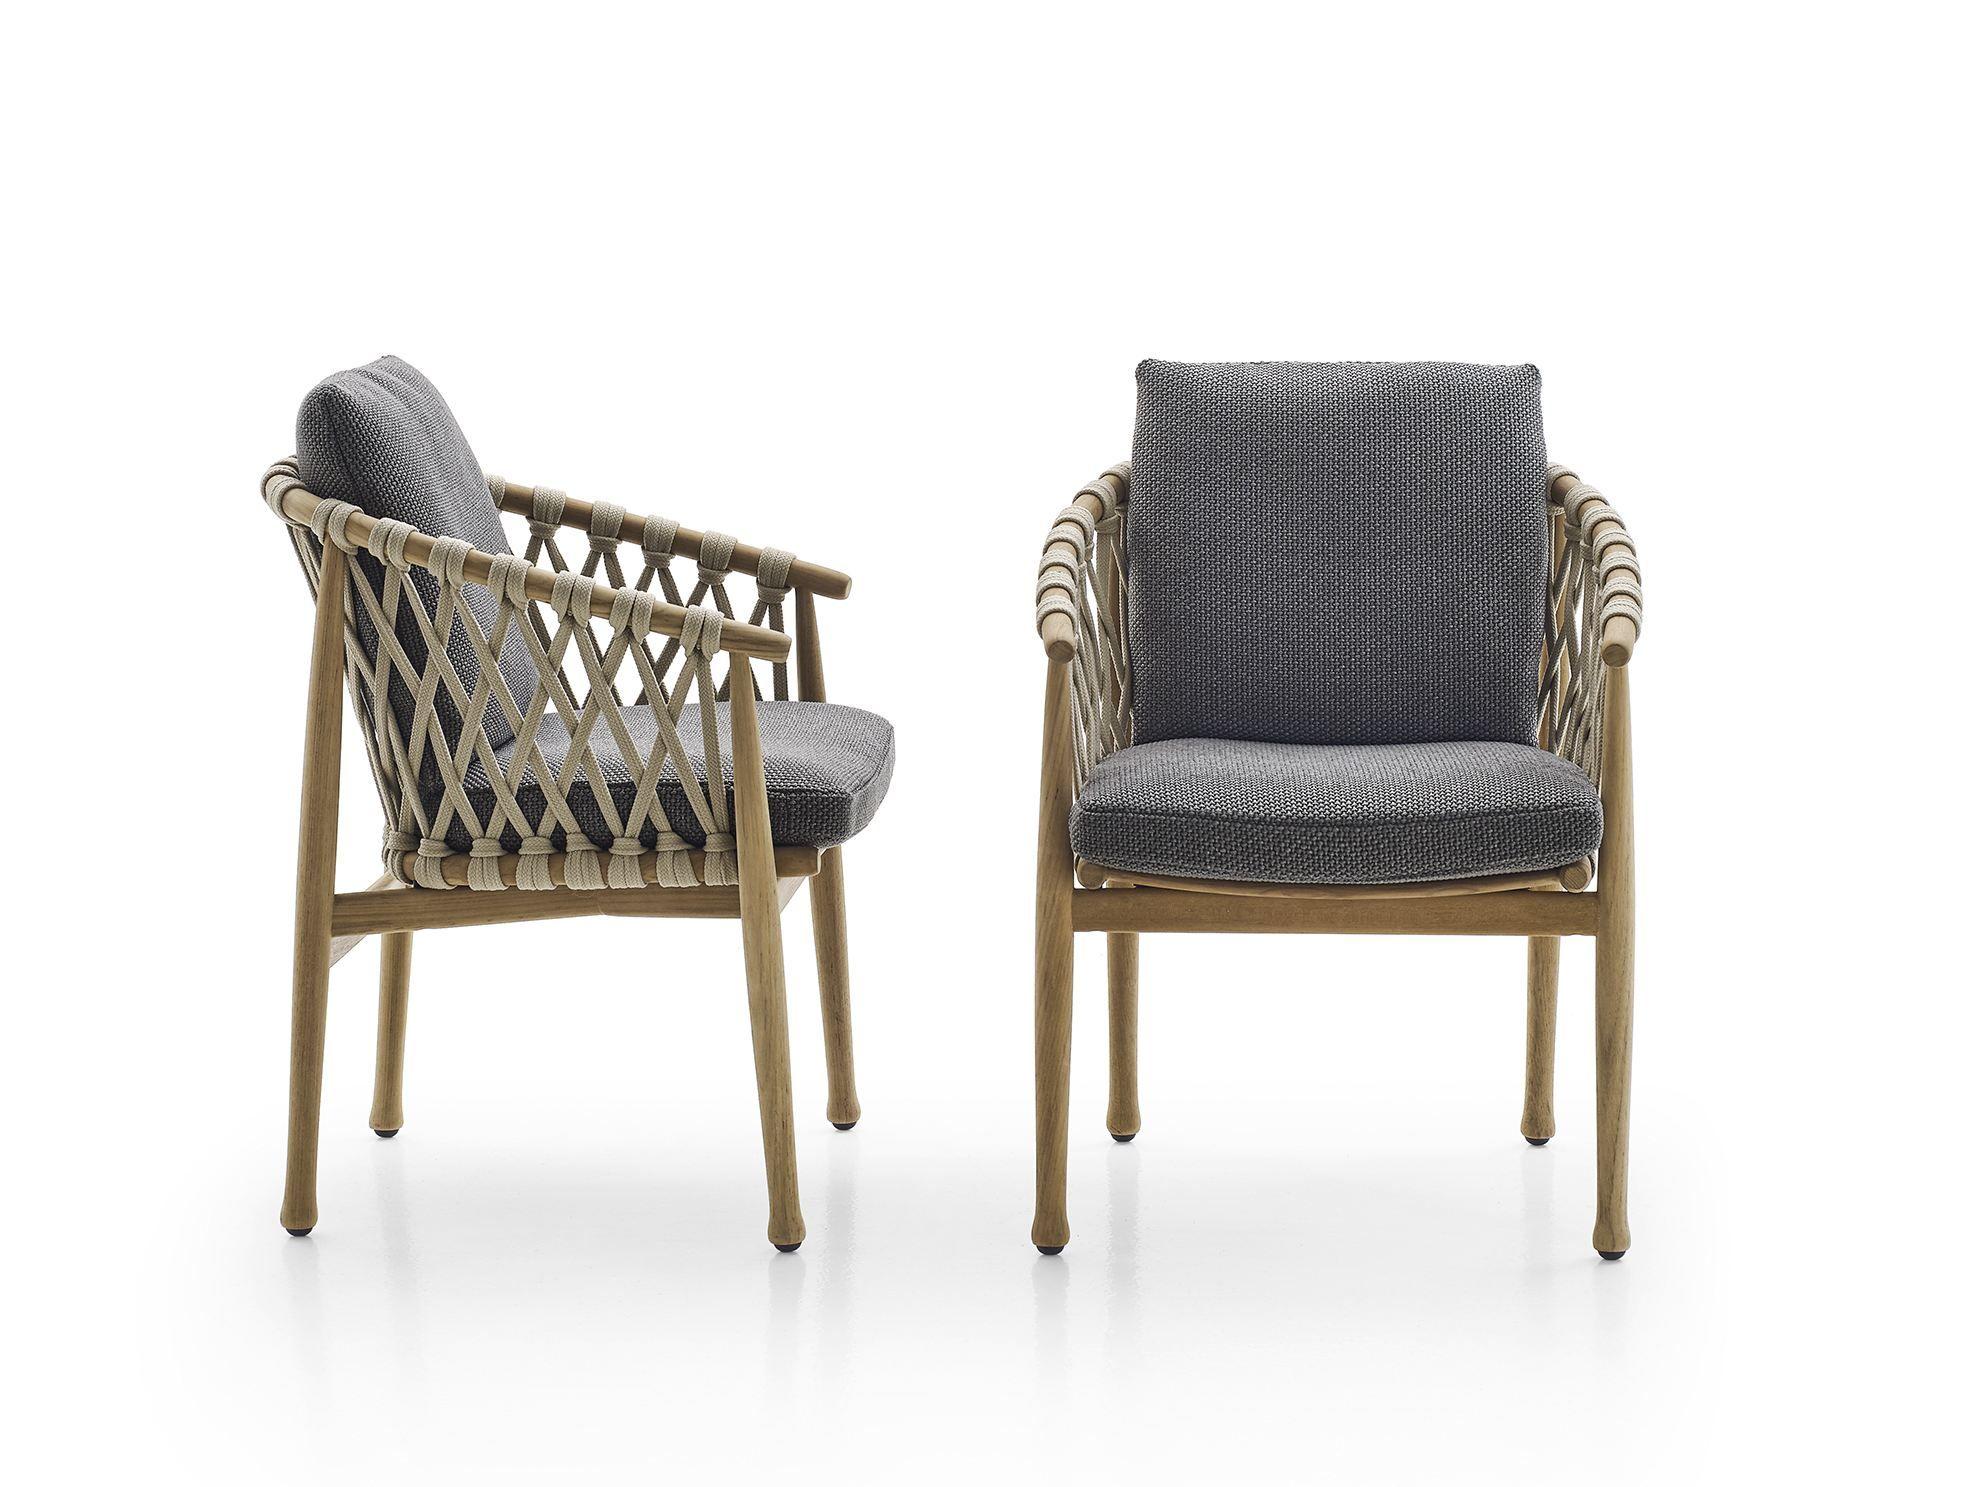 Ginestra sedia collezione ginestra by b b italia outdoor for Sedia b b